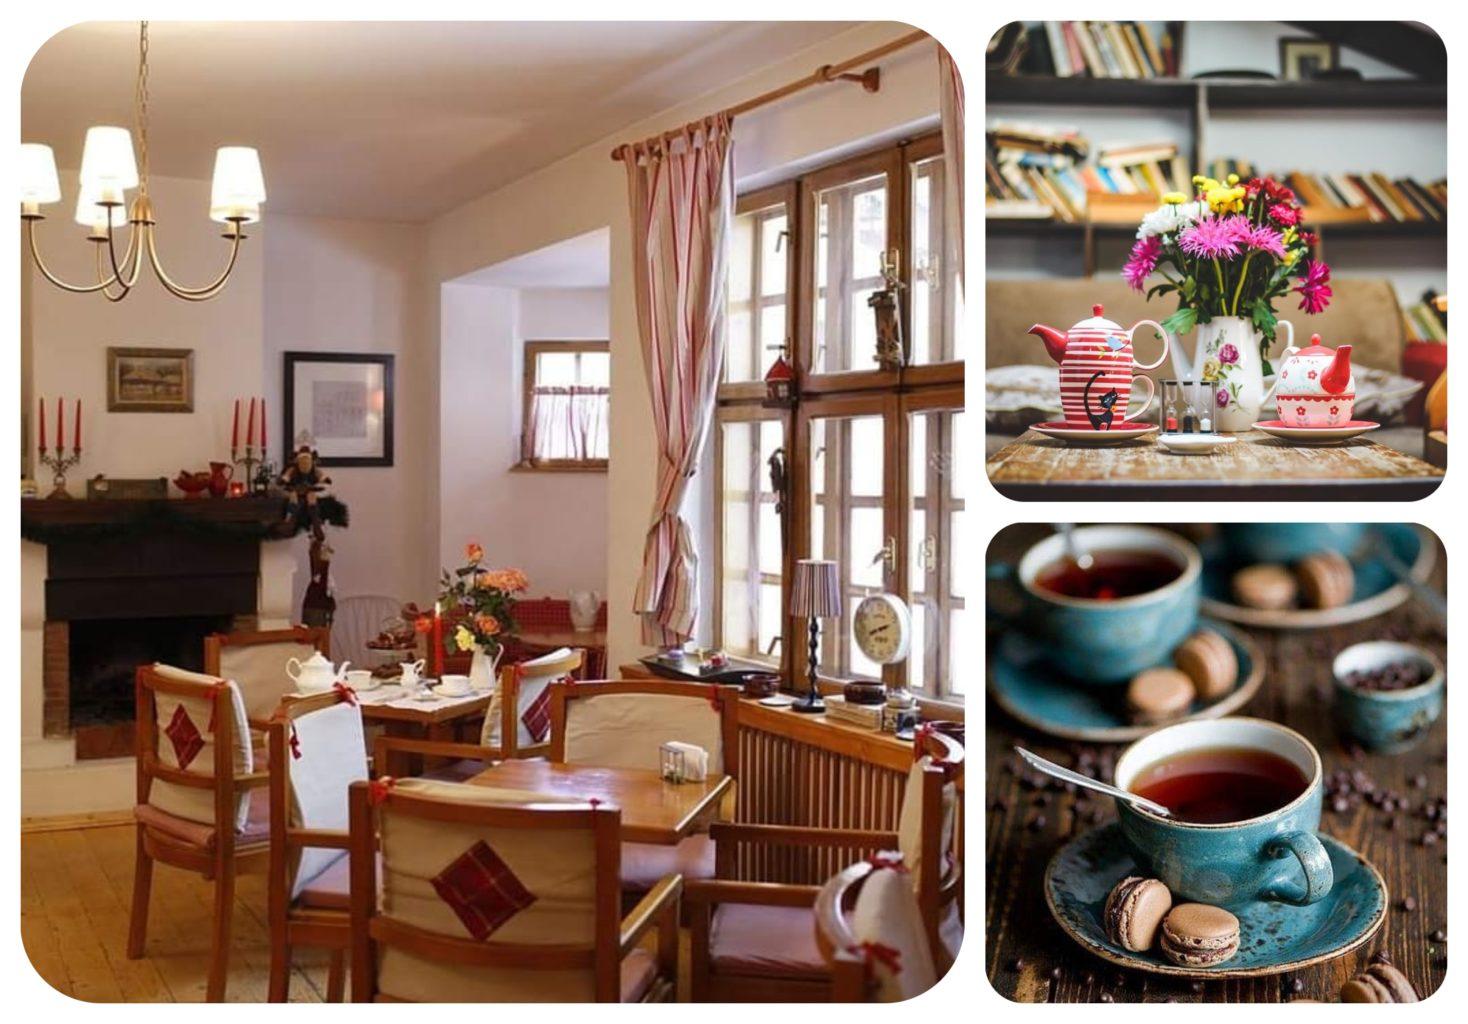 colaj de poze din ceainăria green tea, cu o incapere cu ferestre si perdele si alte douaa fotografii cu cesti de ceai si aranjamanet floral si prăjituri, una cin ceaăinării frumoase din București